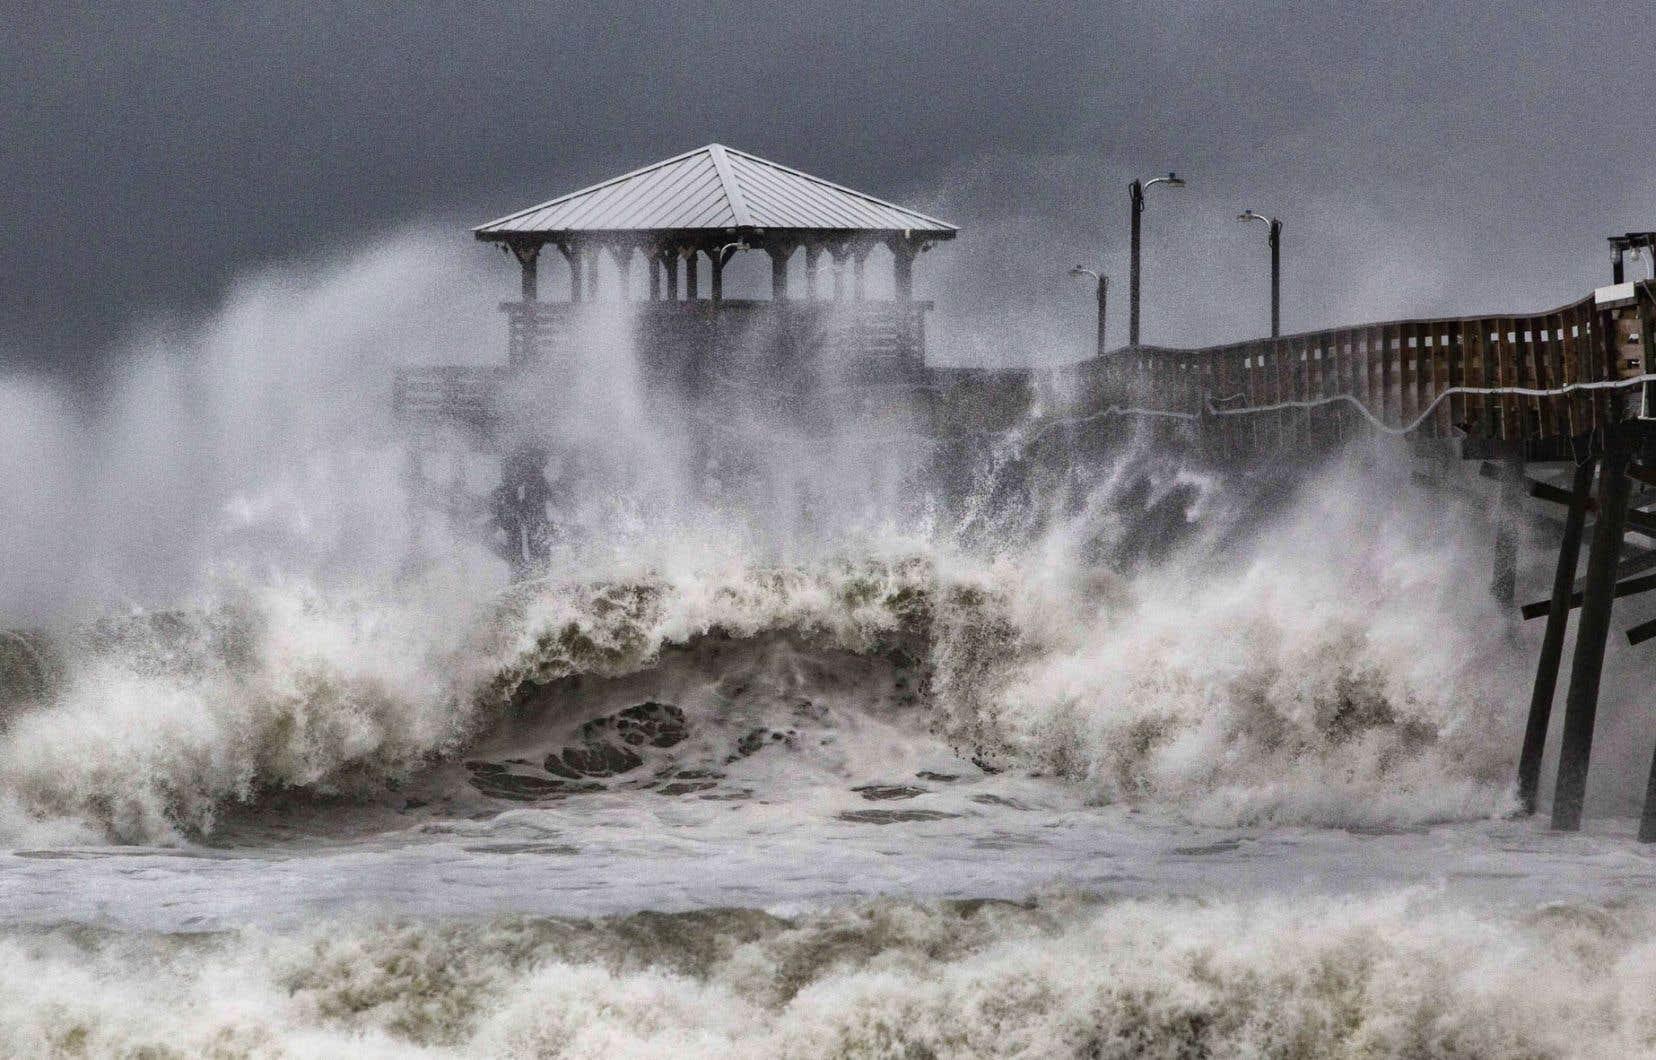 «Florence», qui a ralenti sa course, se dirige désormais vers la côte à 7km/h et son œil pourrait atteindre la côte vendredi avant de s'enfoncer dans les terres, renforçant l'inquiétude des autorités.